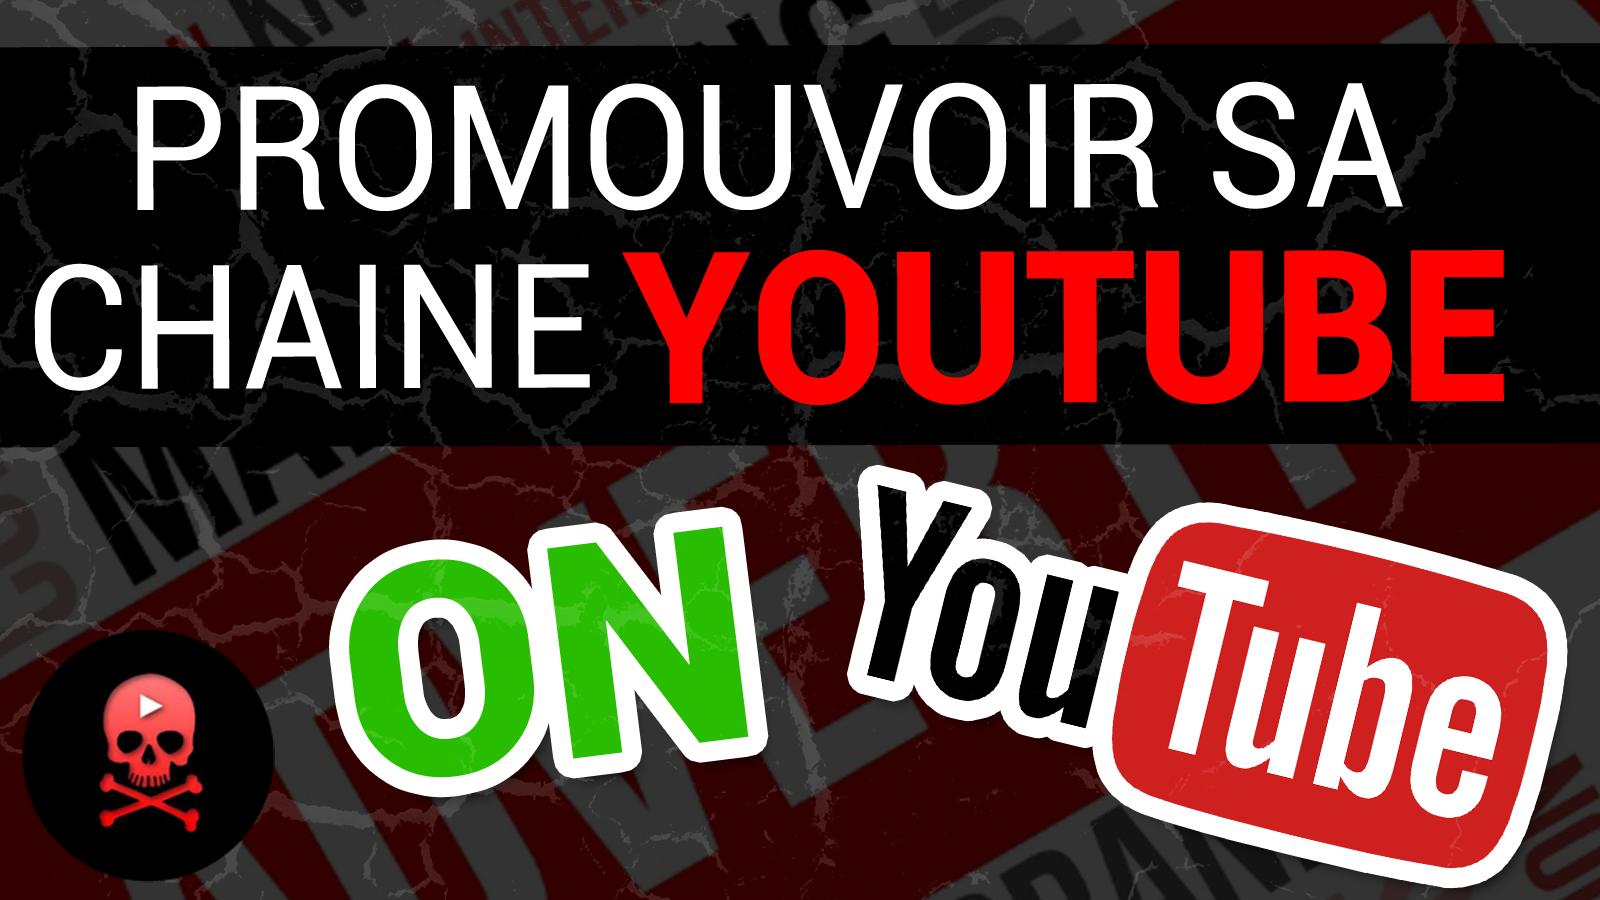 Comment promouvoir sa chaîne Youtube sur Youtube ?